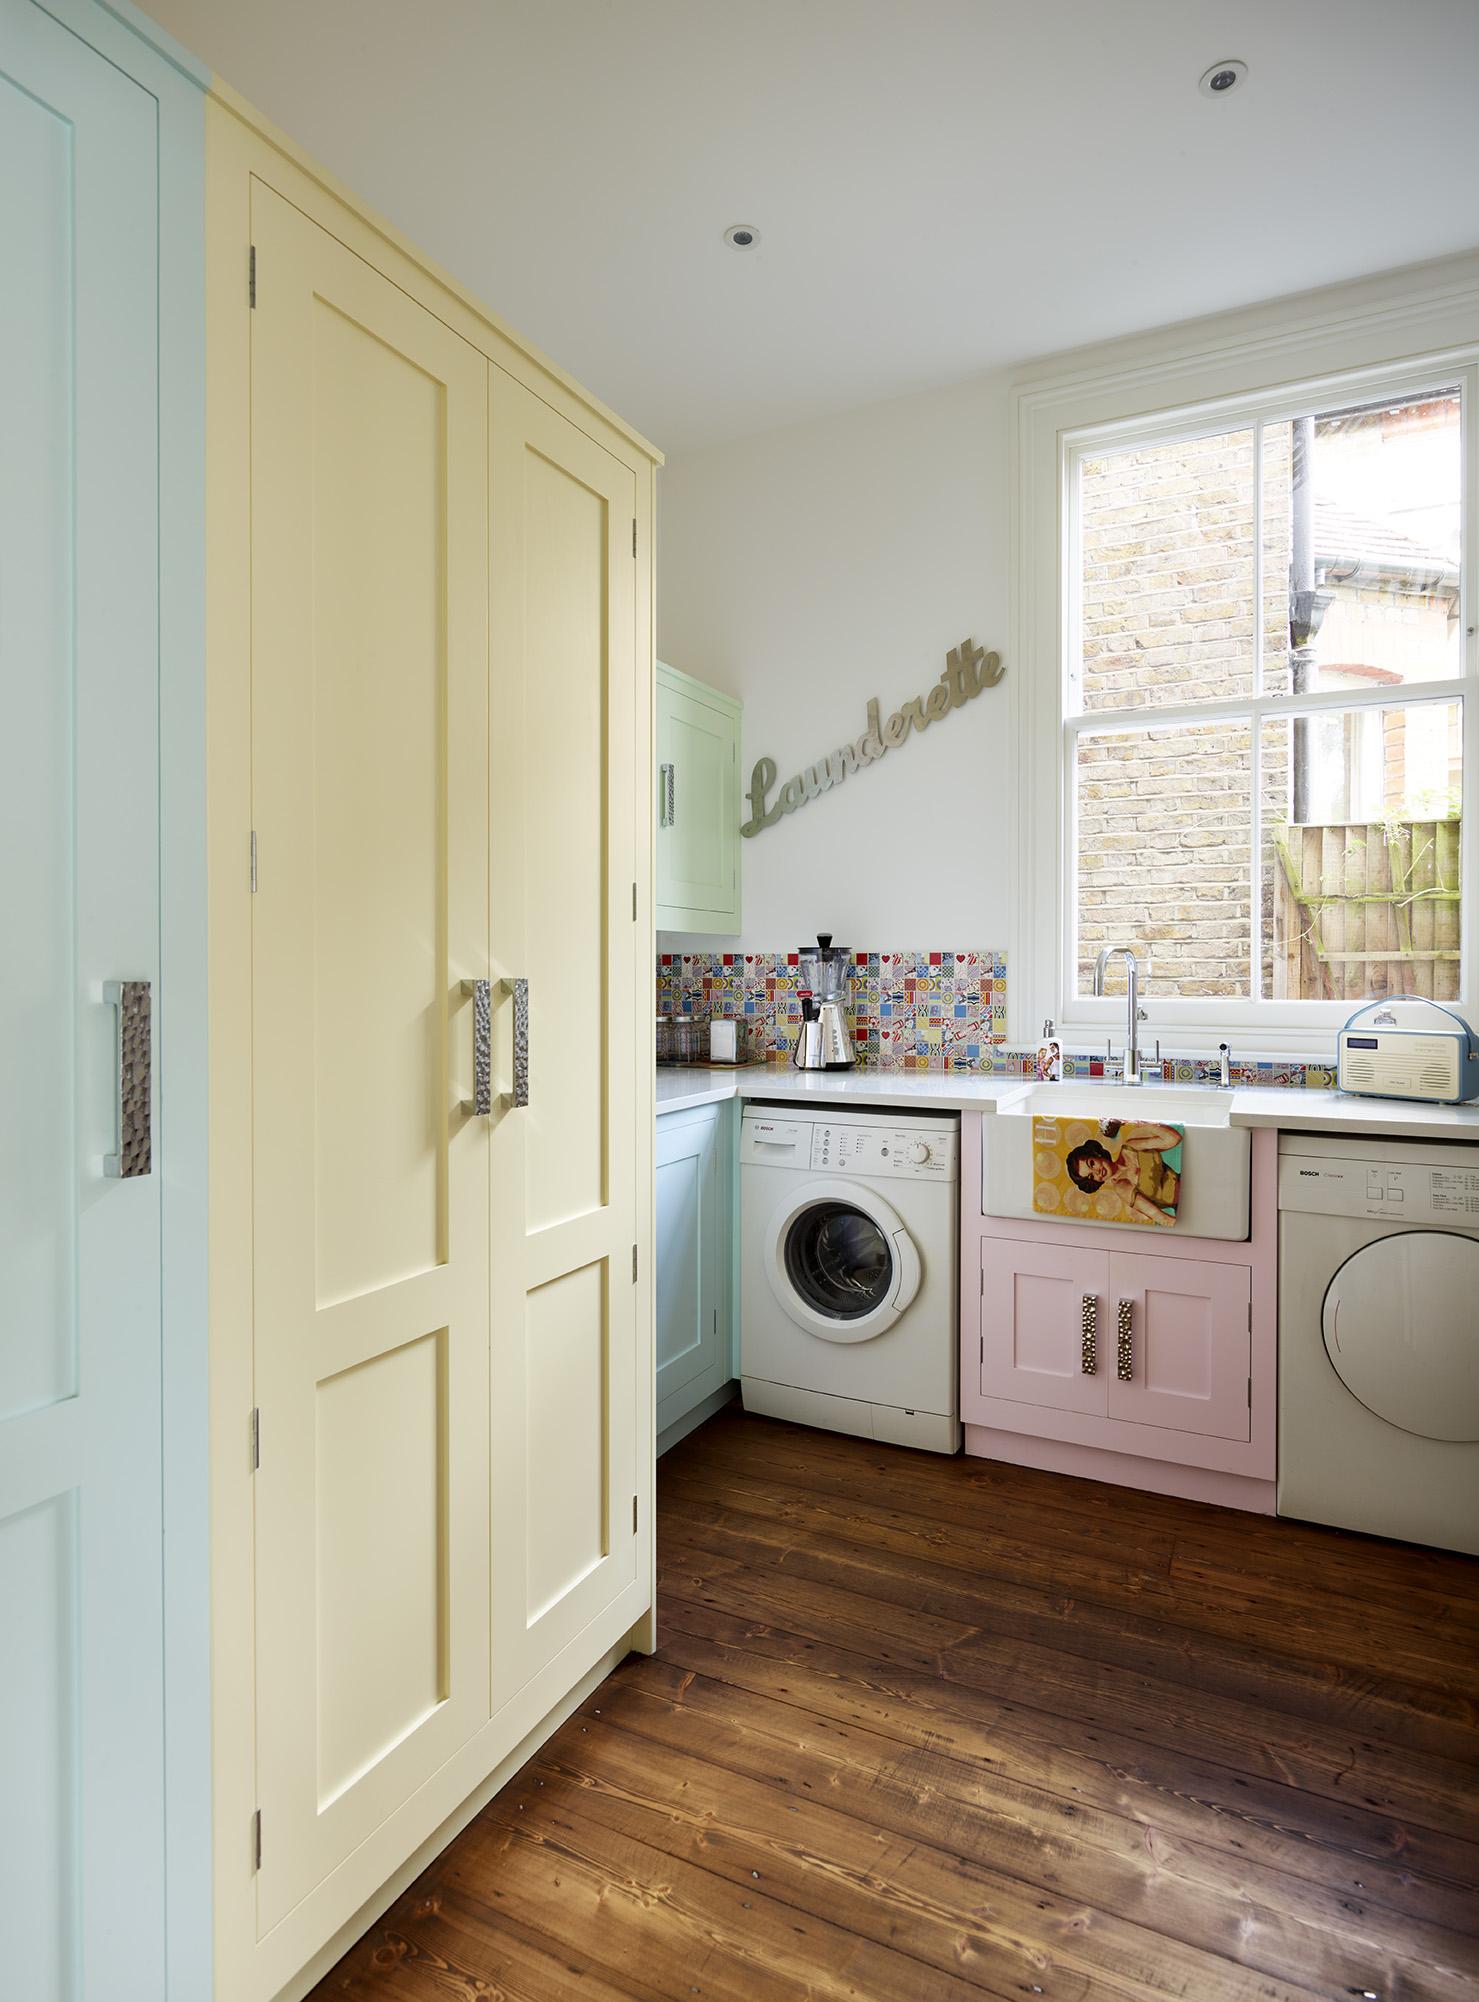 đặt máy giặt trong phòng bếp